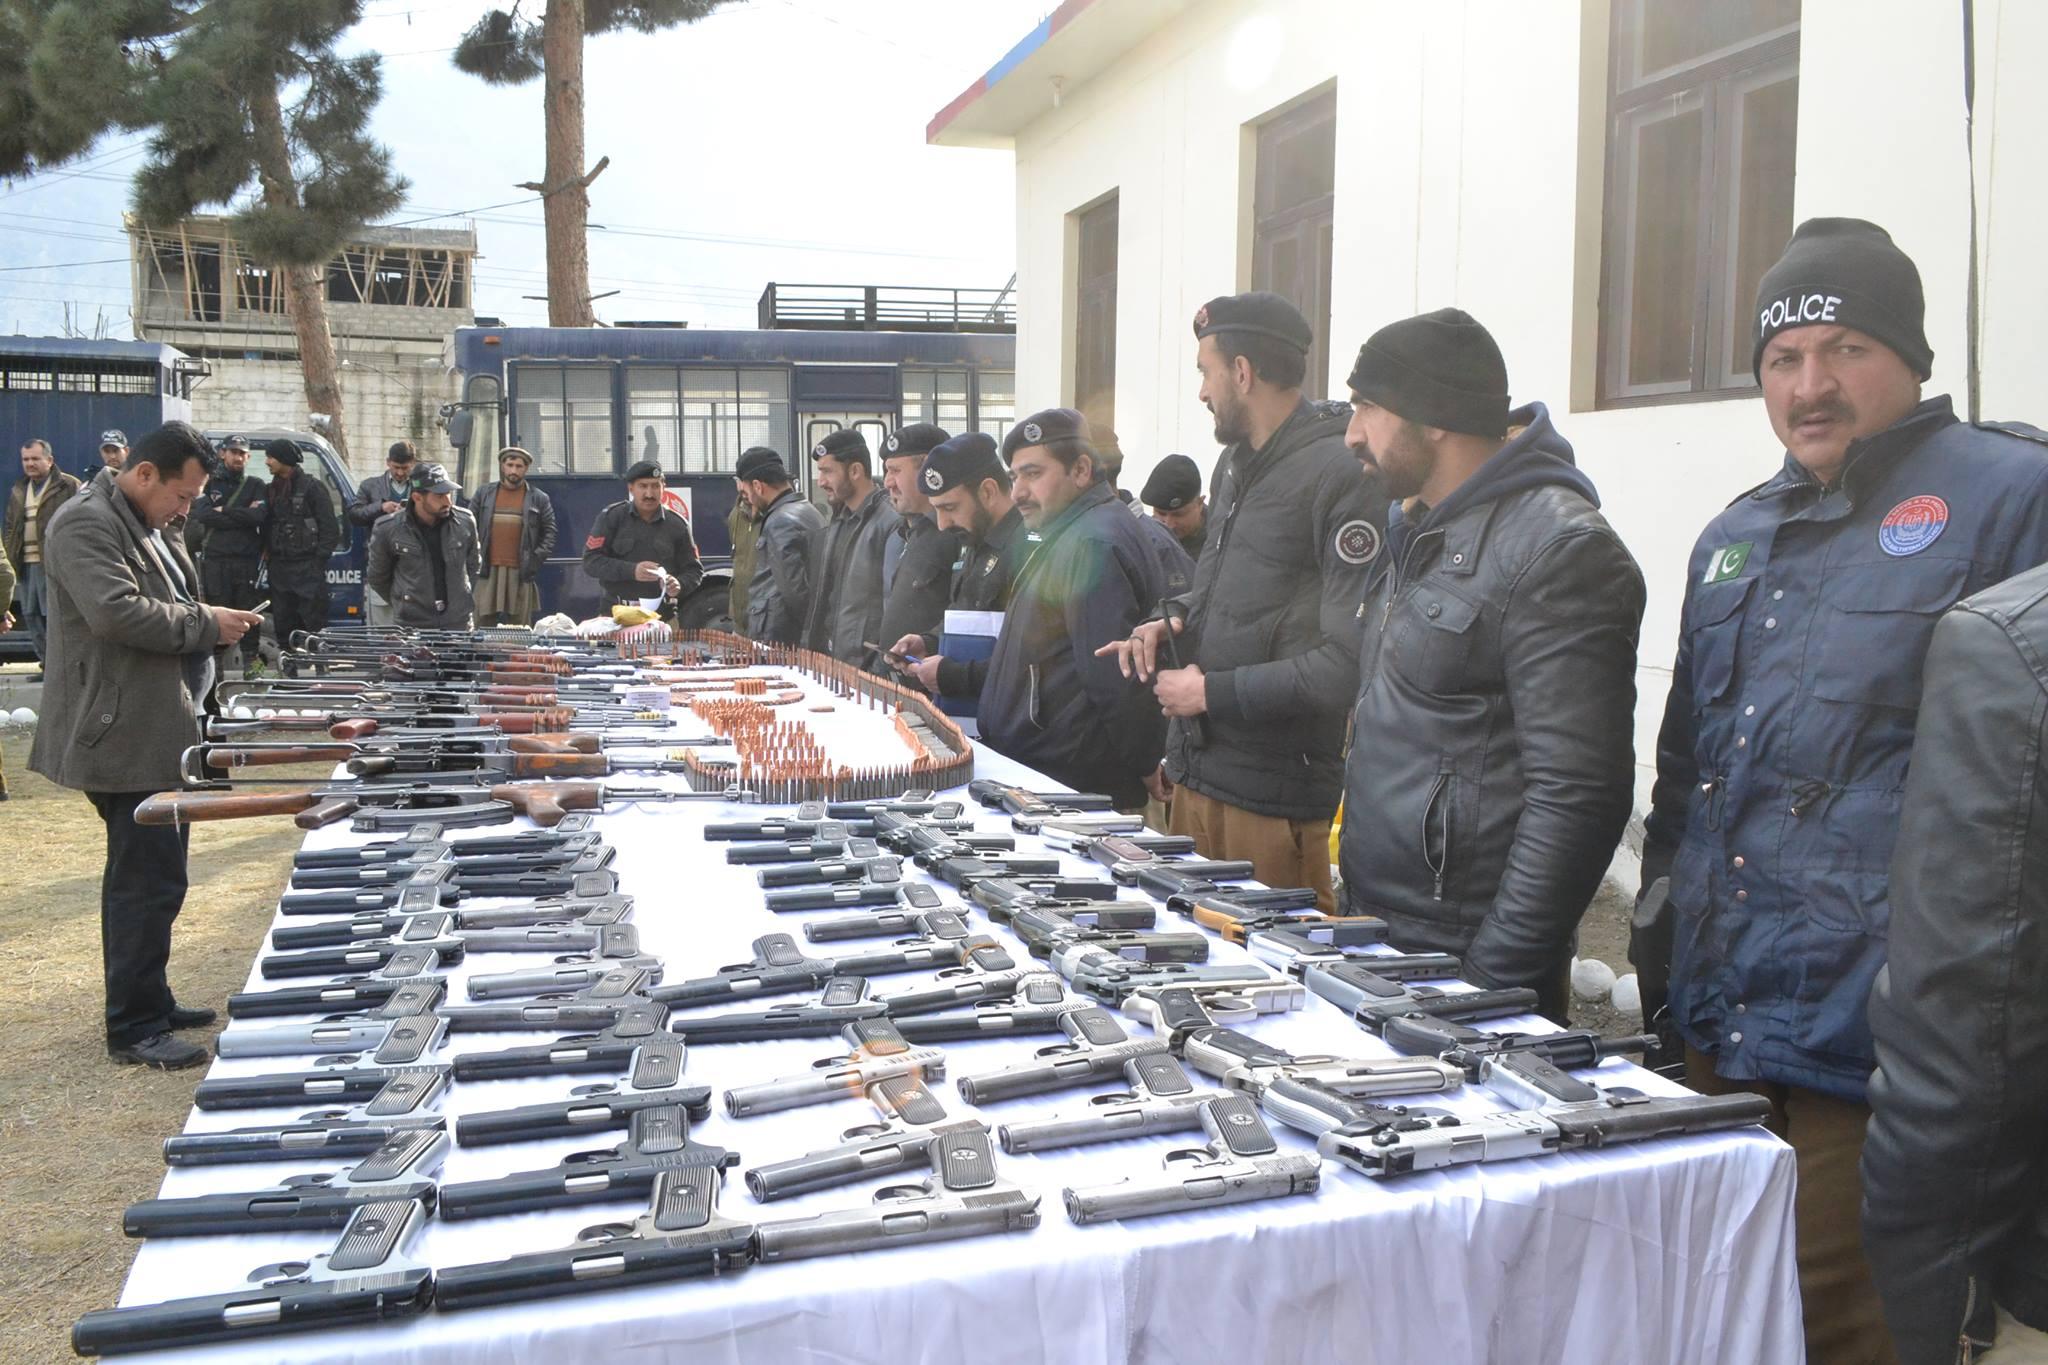 گلگت، دہشتگردی کی سازش پکڑی گئی، بنوں سے تعلق رکھنے والے شخص کی گاڑی سے بڑی مقدار میں ہتھیار برآمد